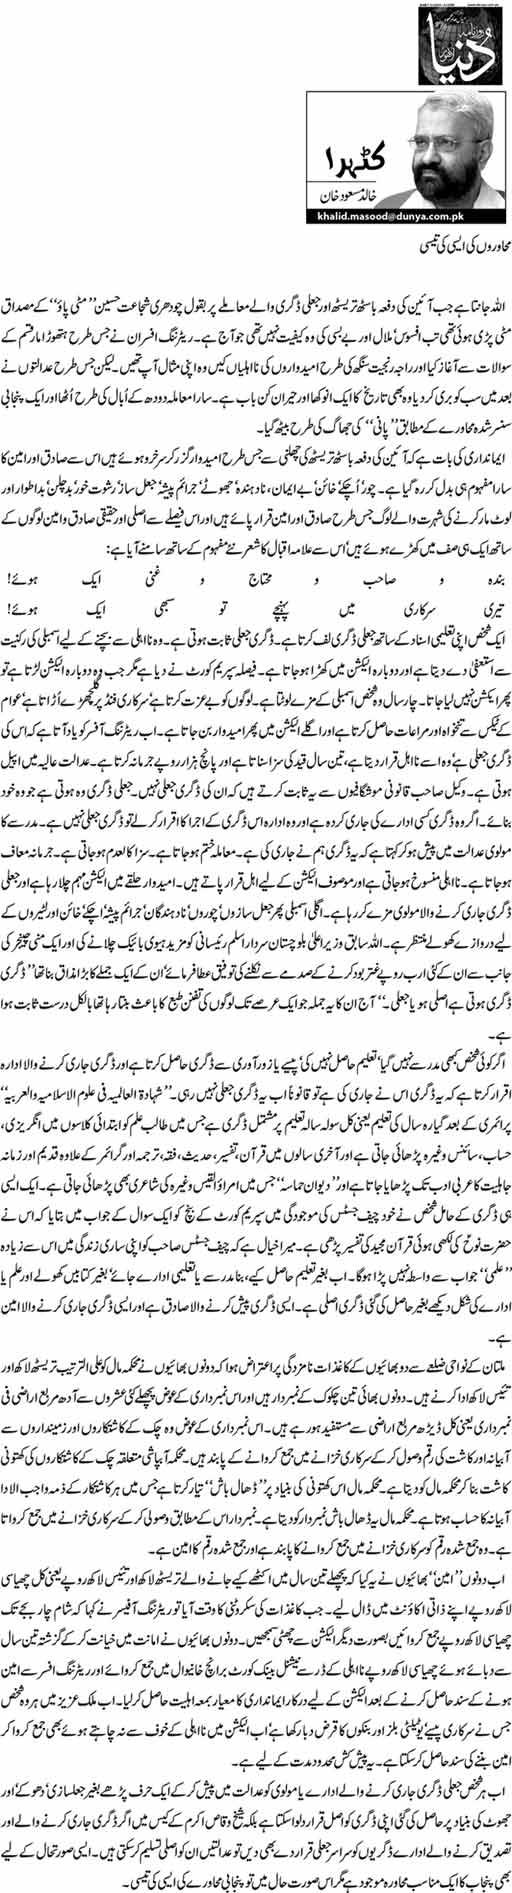 Muhawron Ki Aisi Ki Taisi - Khalid Masood Khan